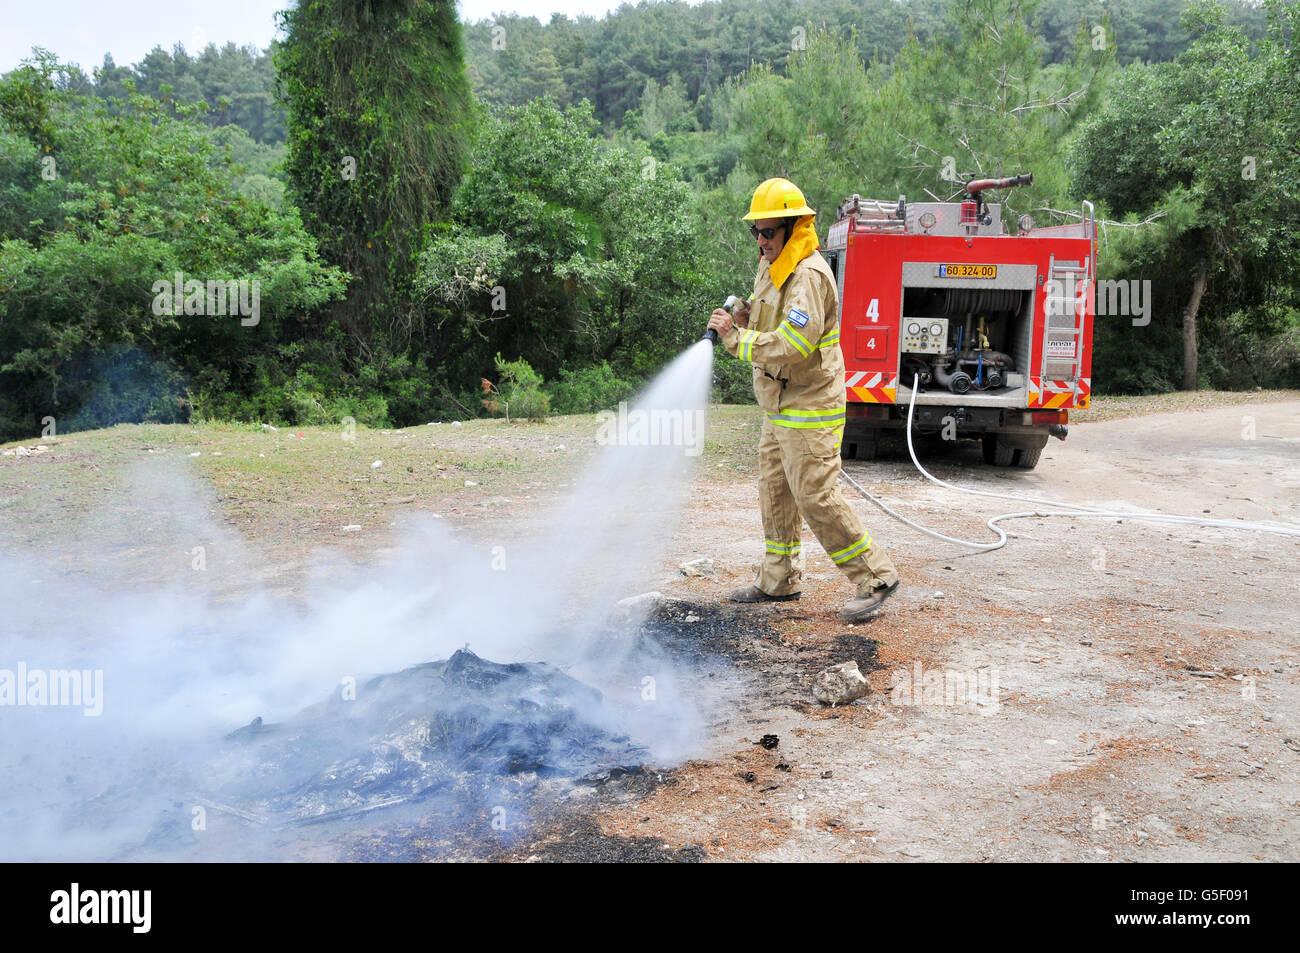 Fireman in abbigliamento protettivo si spegne un incendio come parte di una lotta antincendio drill Immagini Stock